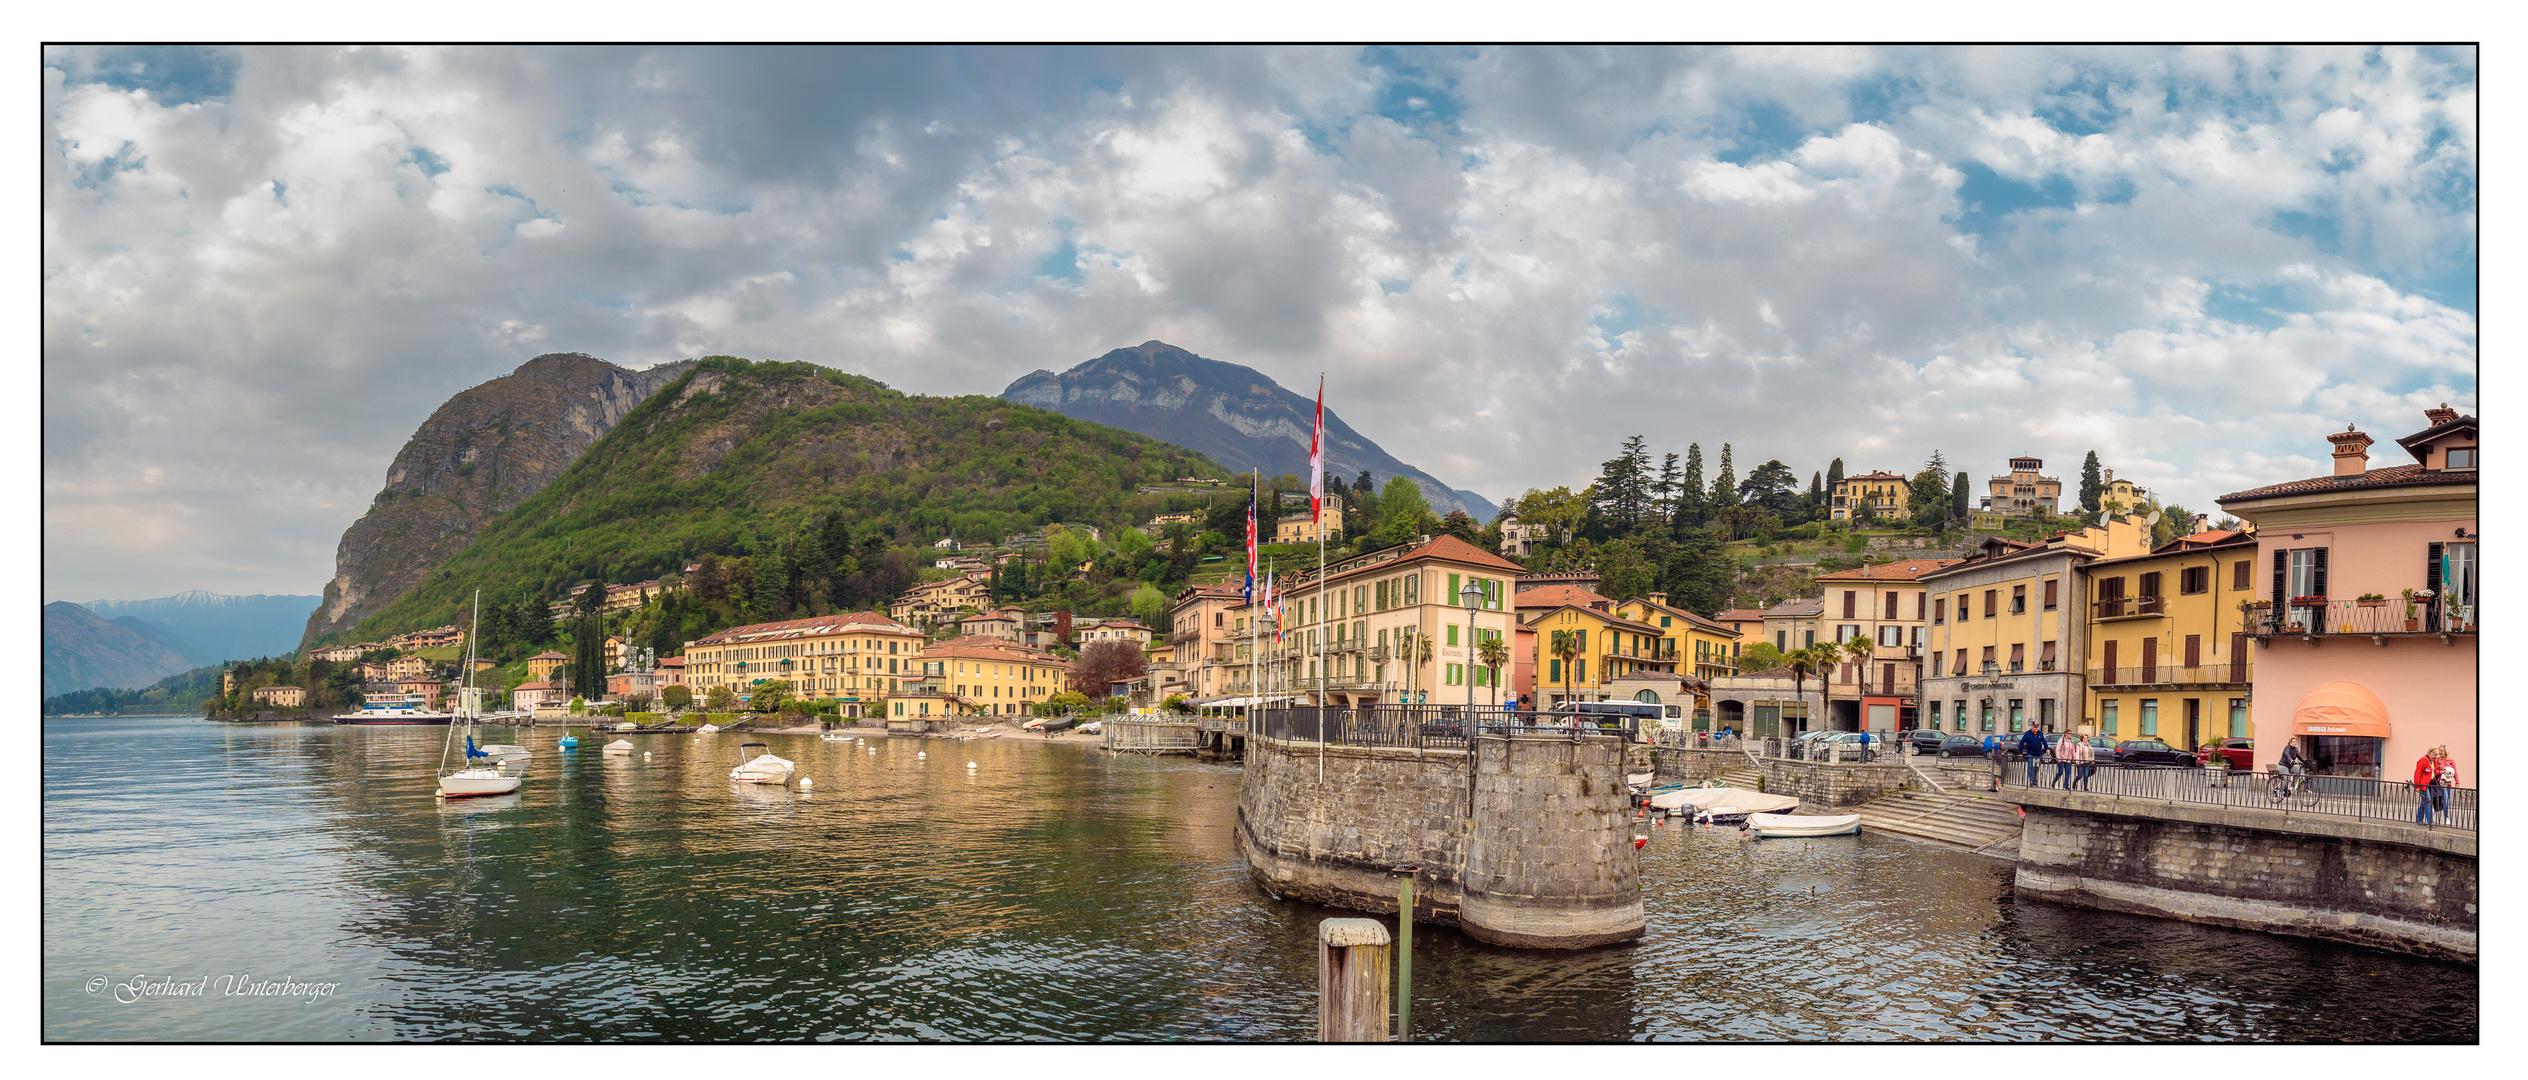 Menaggio, das zauberhafte Städtchen am Lago di Como